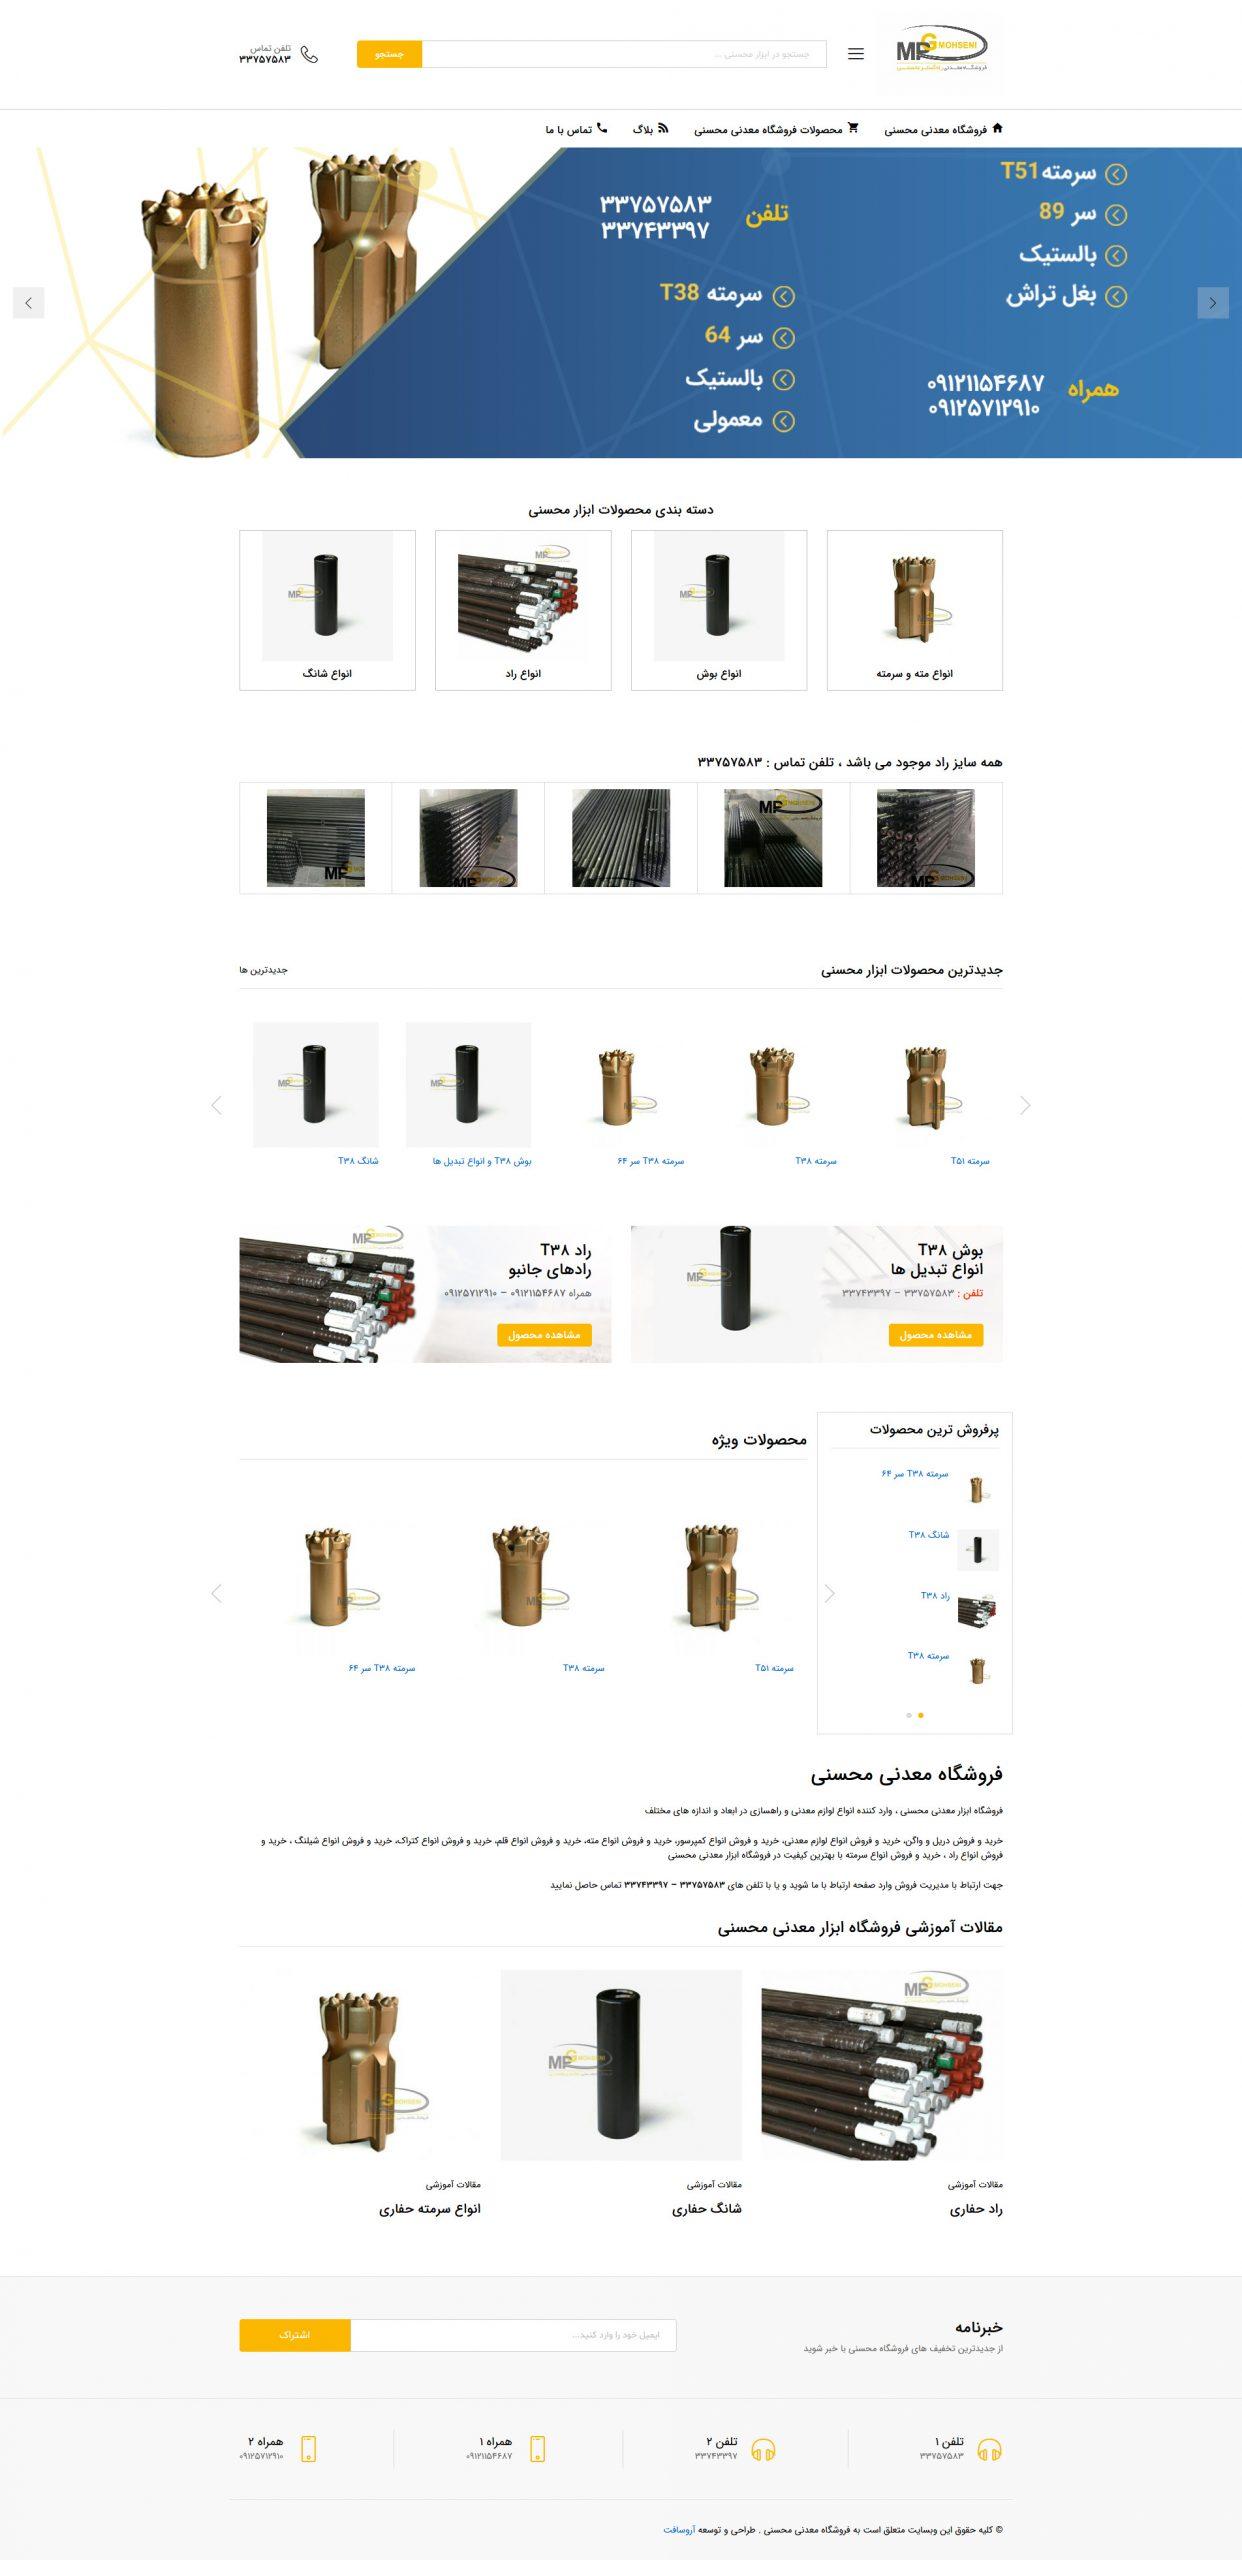 طراحی سایت فروشگاهی معدنی محسنی mrgmohseni